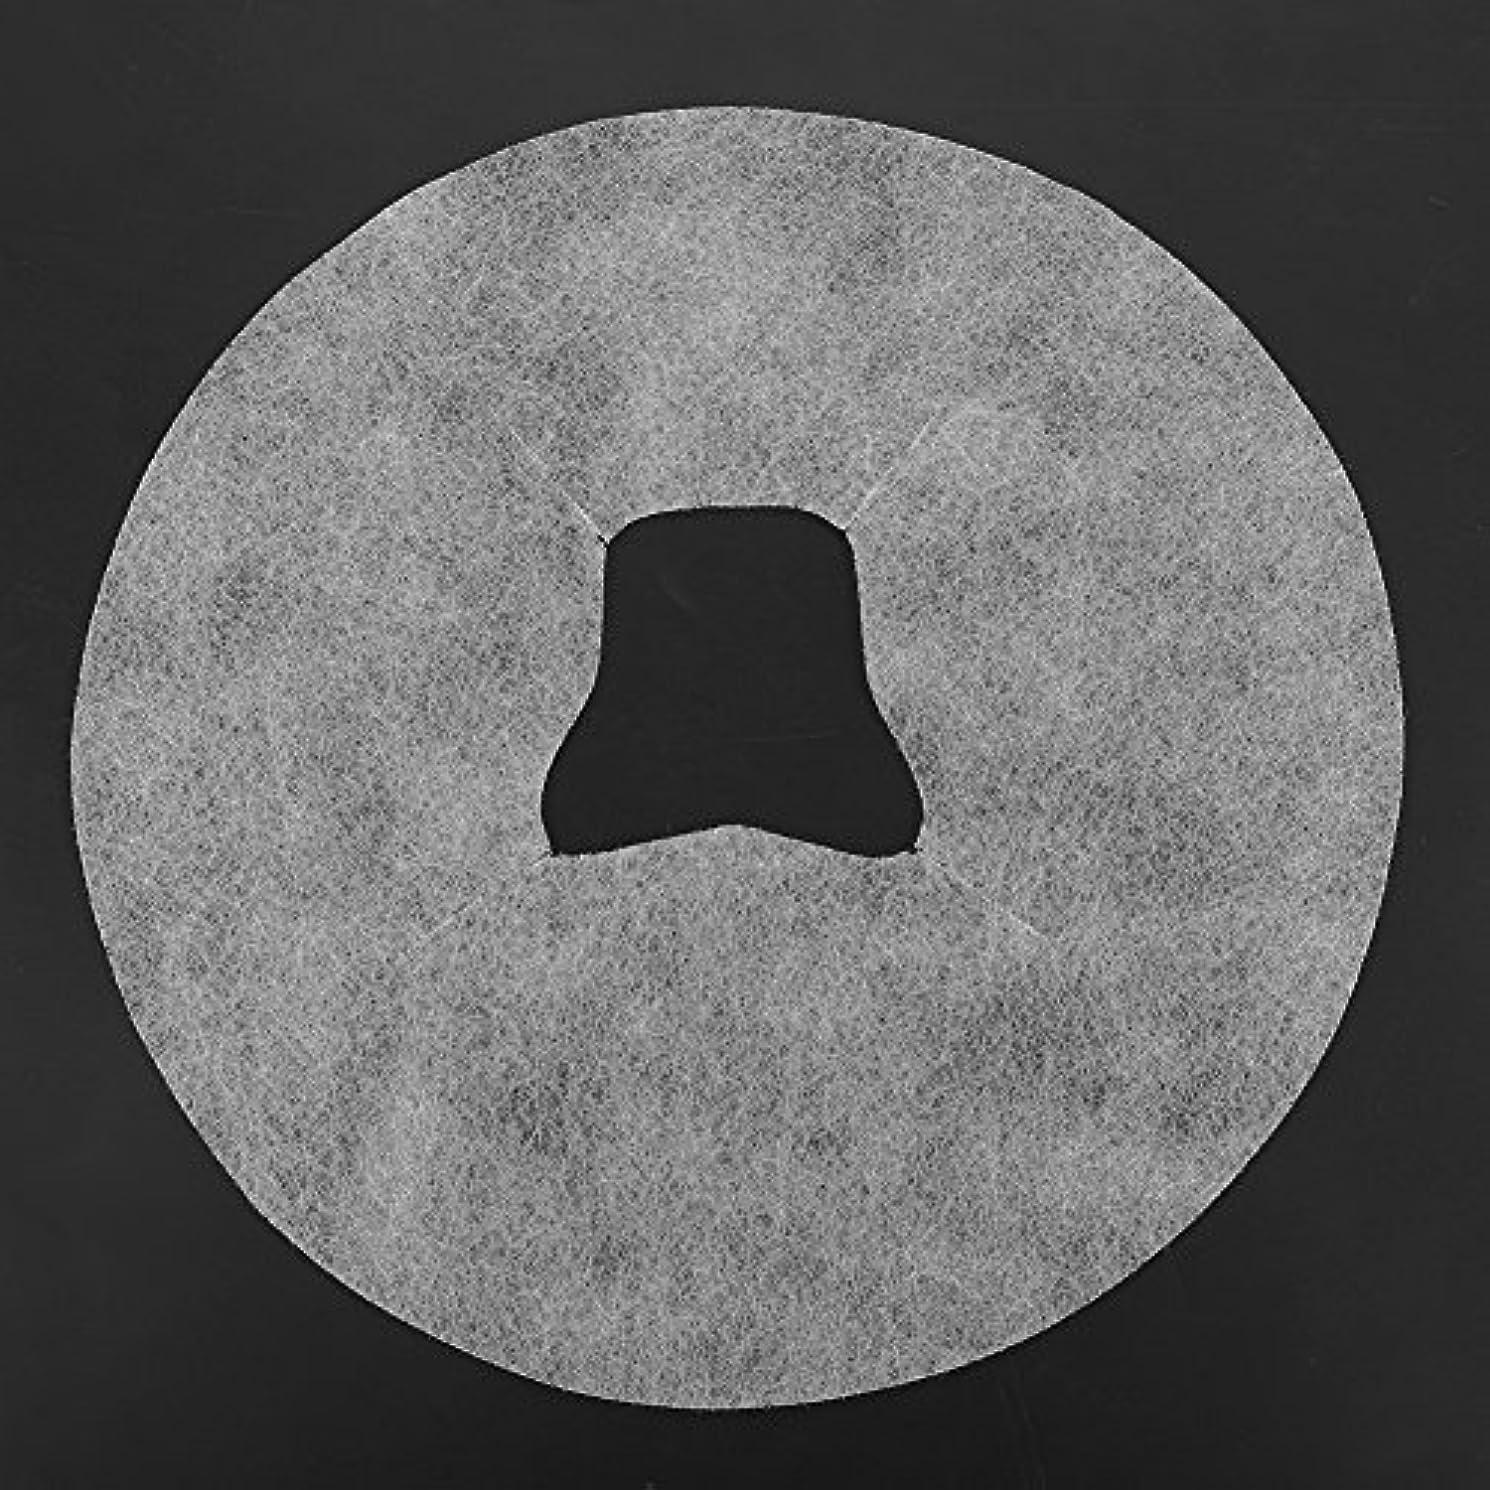 アラビア語生まれ反逆者SoarUp 【100枚入】 フェイスマッサージパッド 使い捨てタオル 顔用 使い捨て 不織布材料 通気性 美容院?スパ?美容マッサージ専用 衛生的 安全 ホワイト